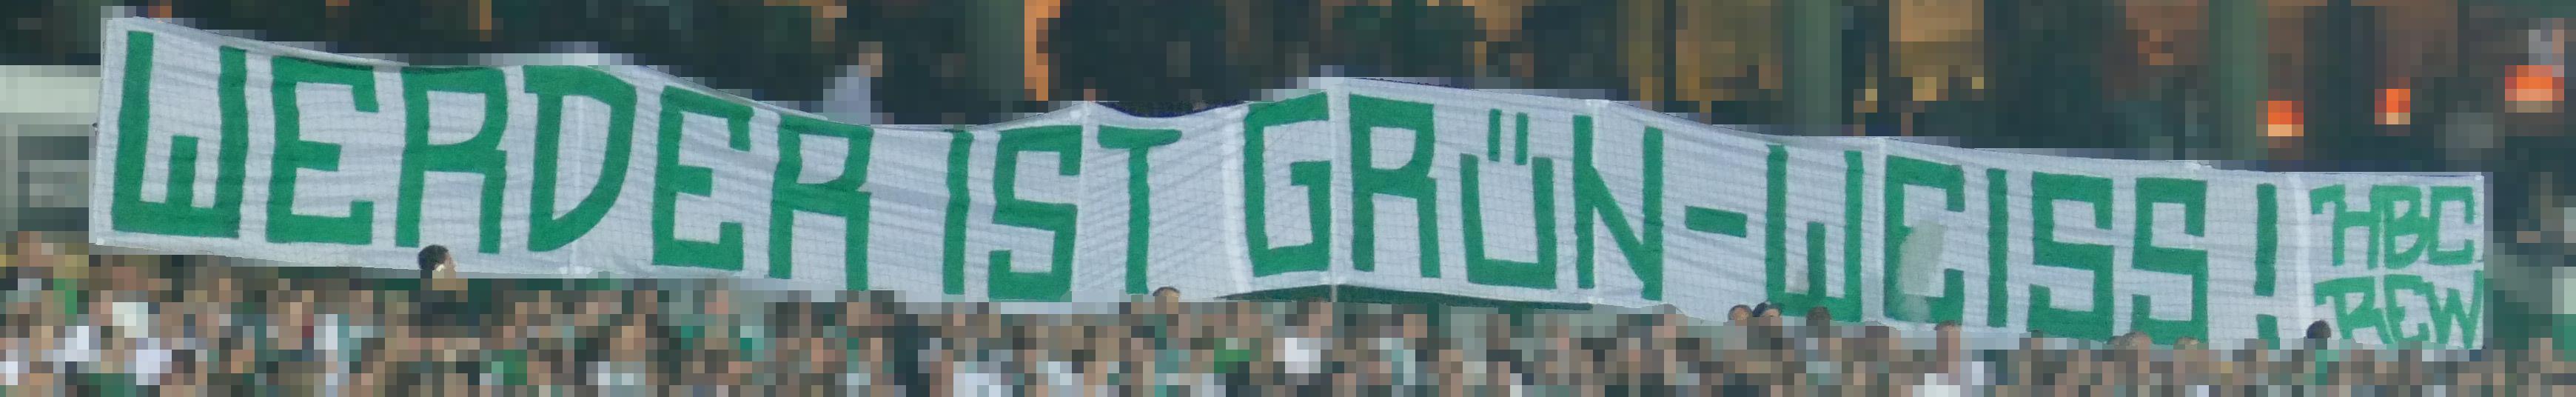 """Halbfinale DFB-Pokal SVW vs. FCB:  """"Werder ist Grün-Weiß!"""